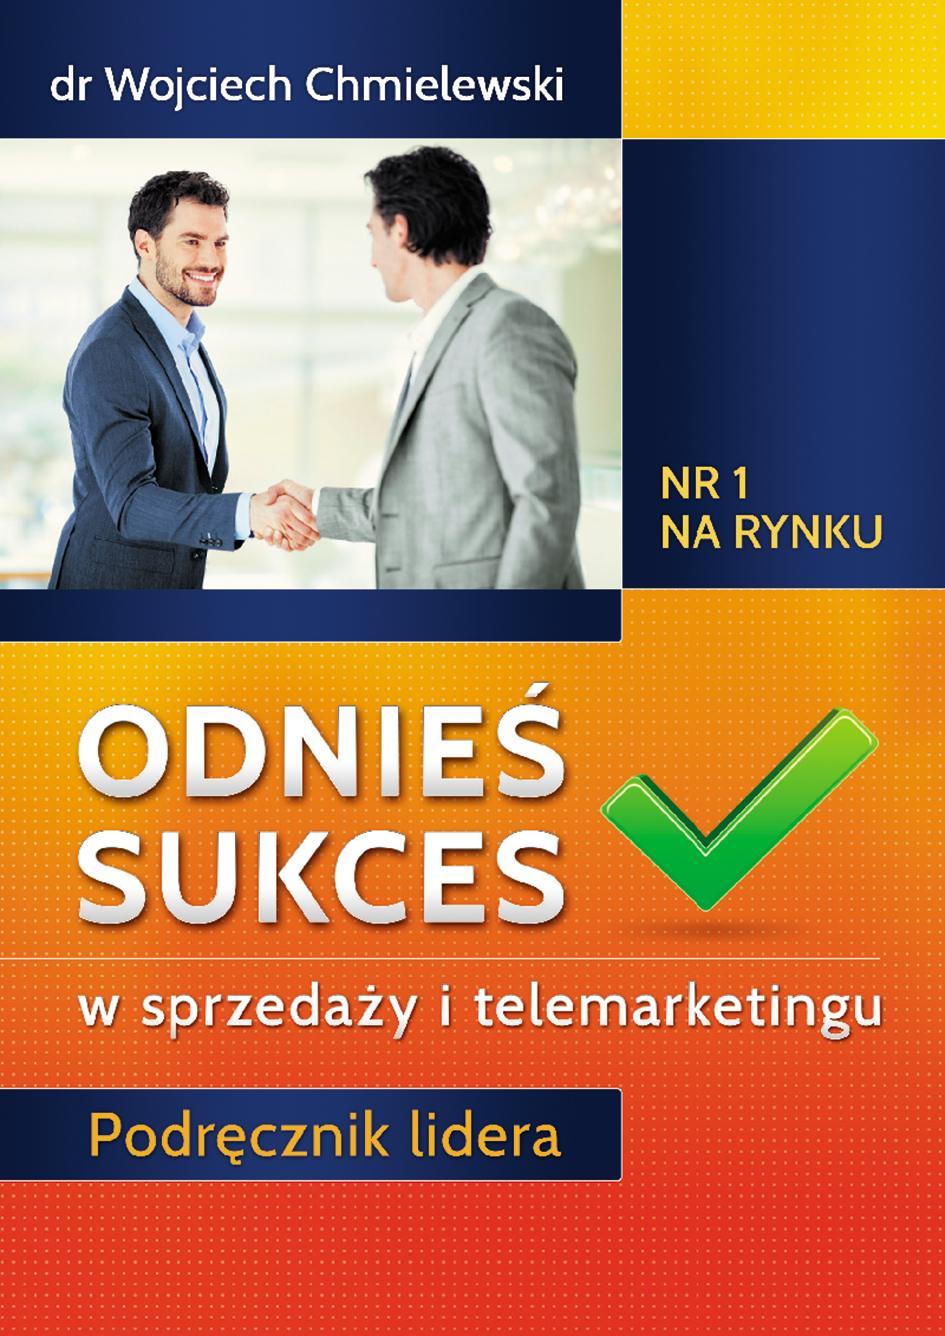 Odnieś sukces w sprzedaży i telemarketingu. Podręcznik lidera - Ebook (Książka EPUB) do pobrania w formacie EPUB